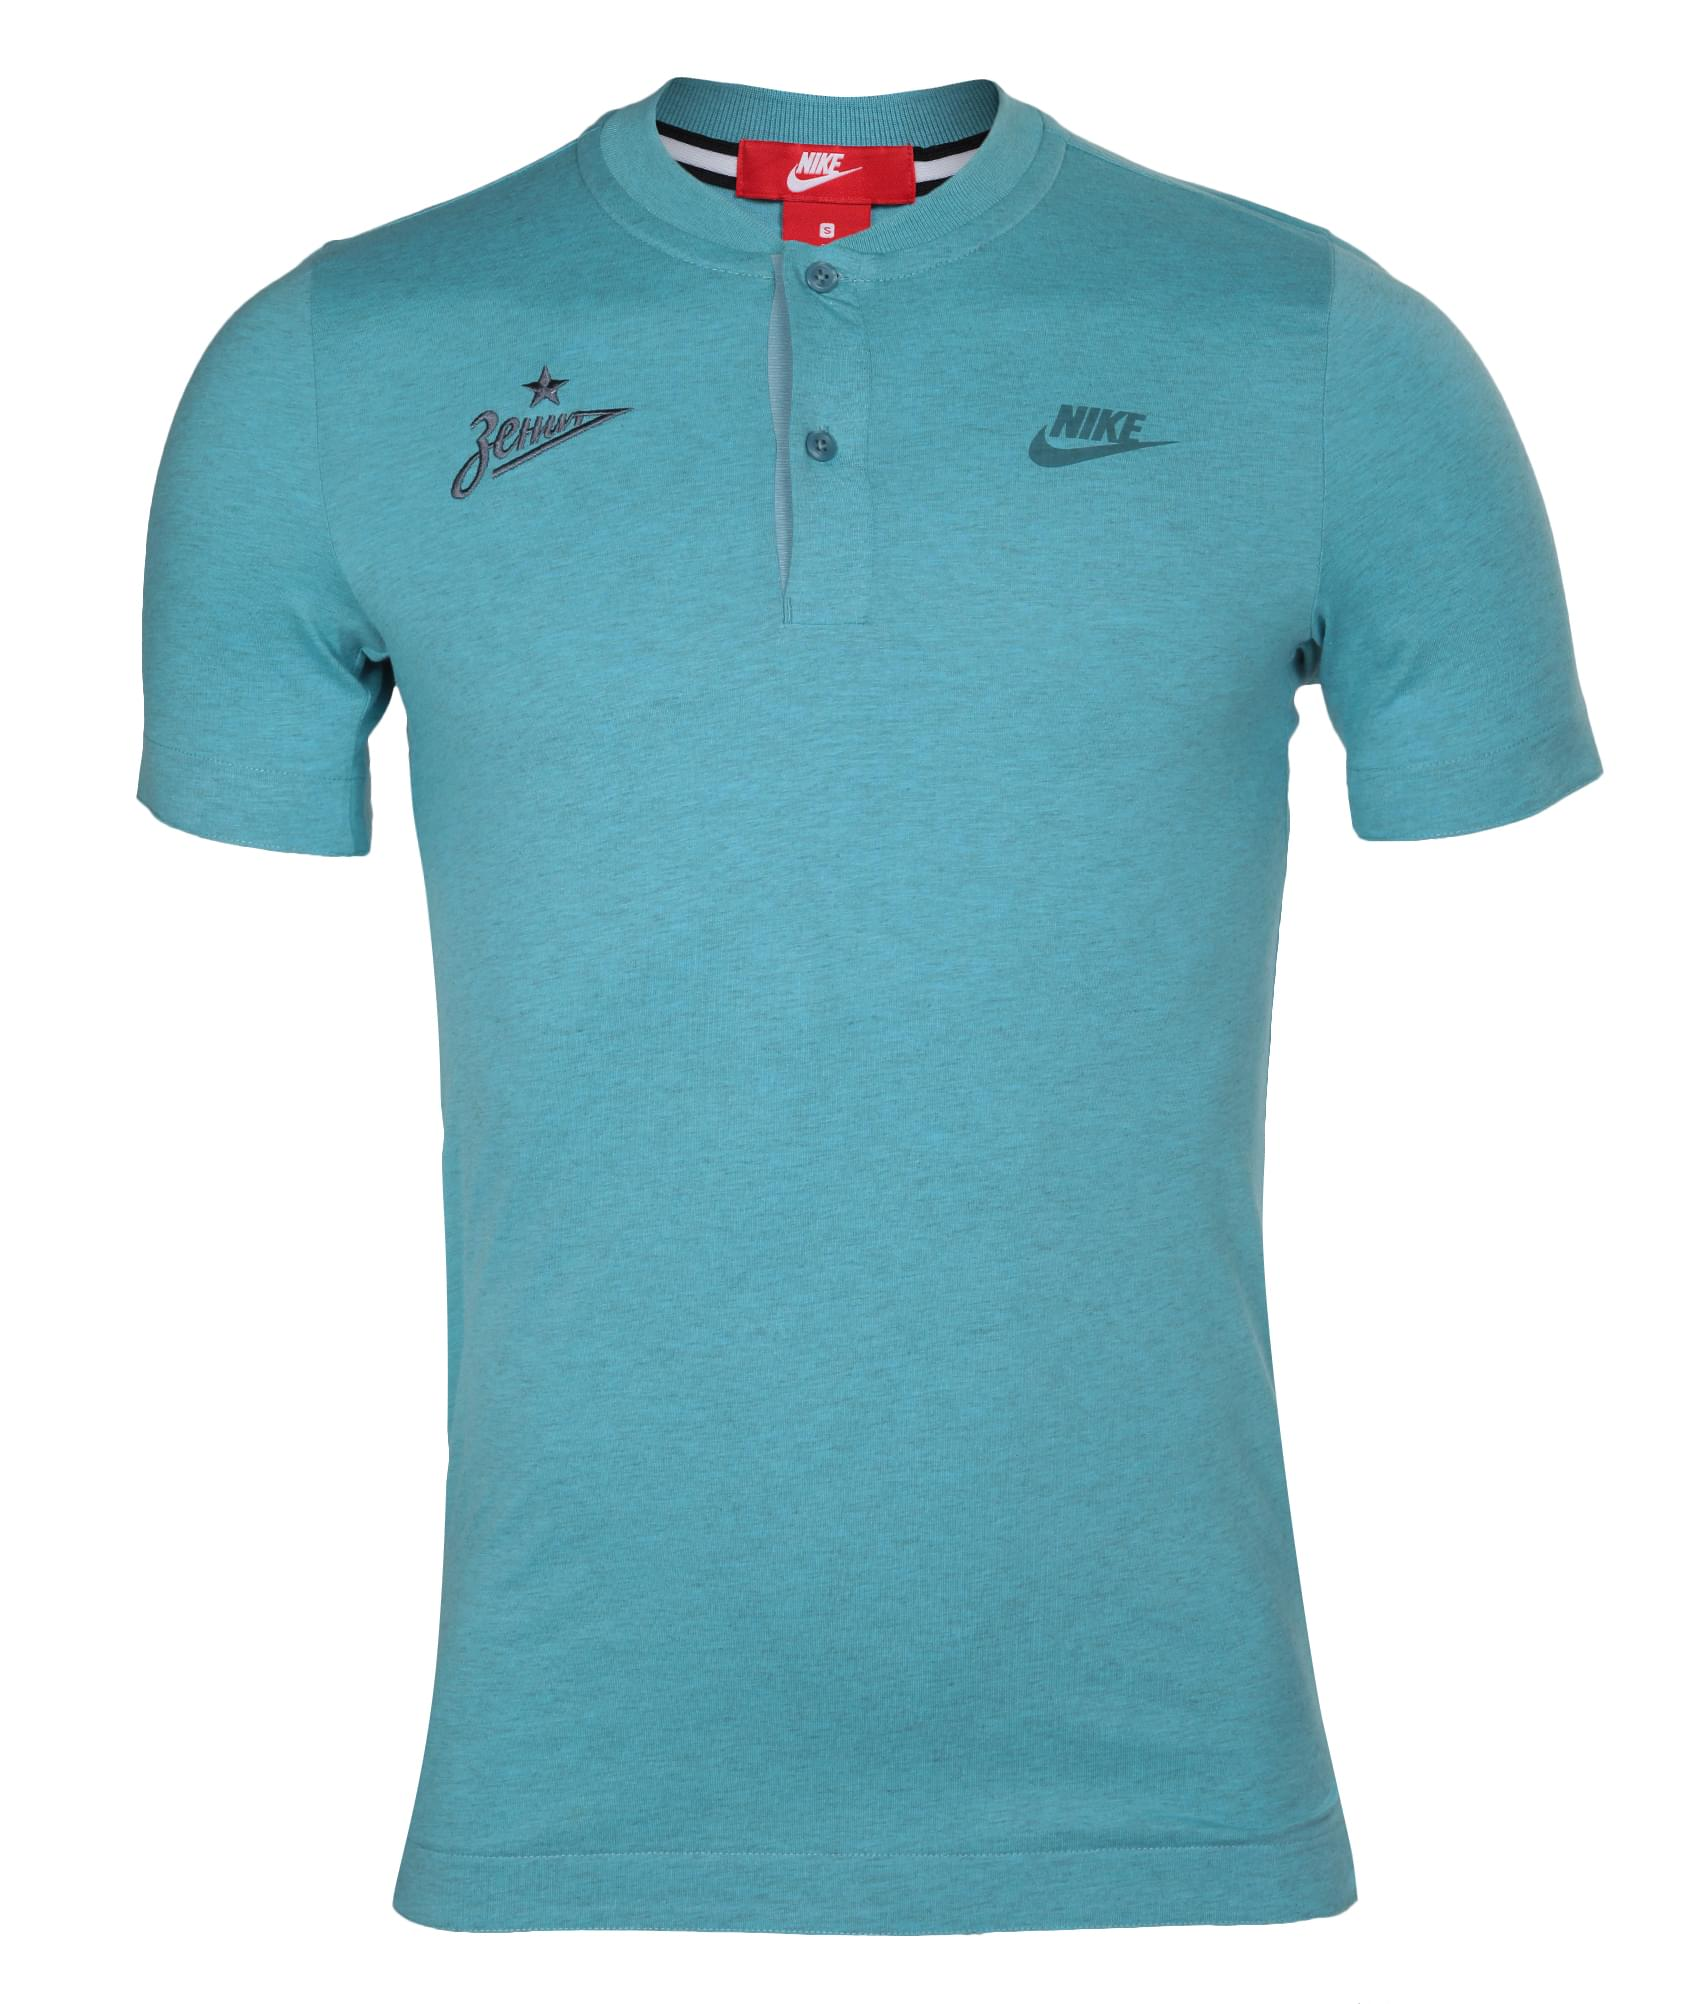 Поло Nike Nike Цвет-Голубой